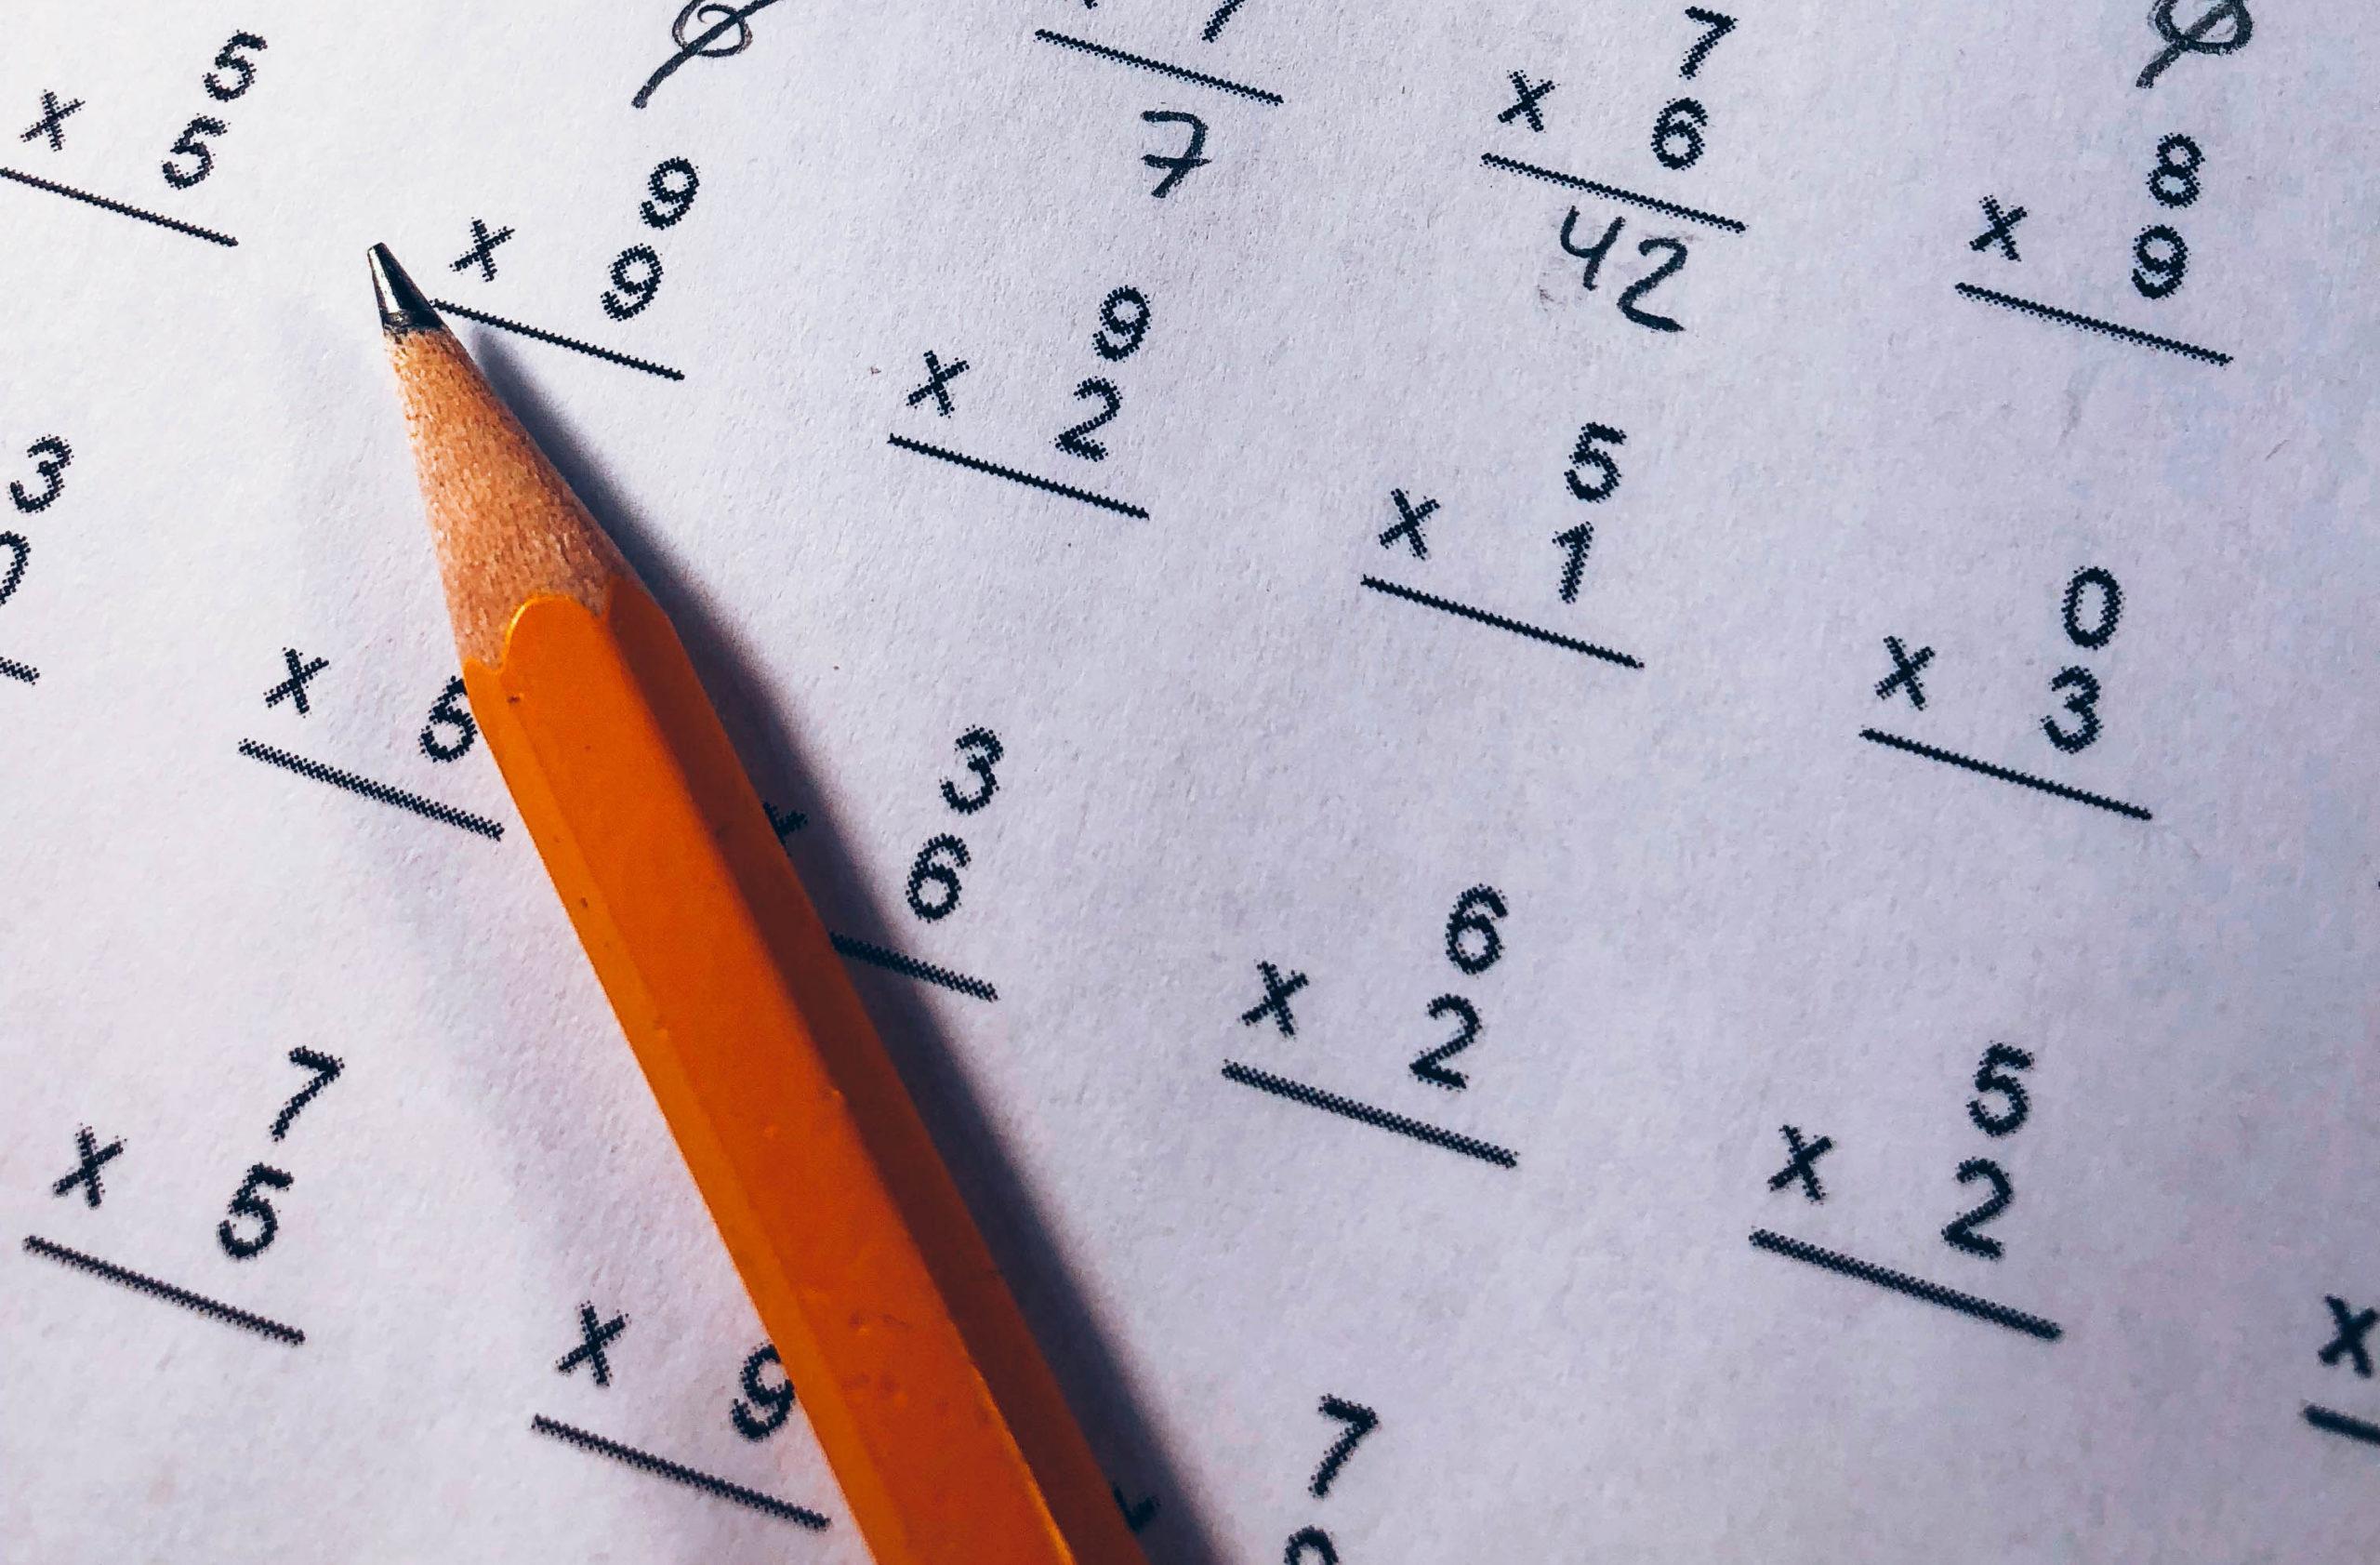 Räkneuppgifter på ett papper med en blyertspenna liggande ovanpå.